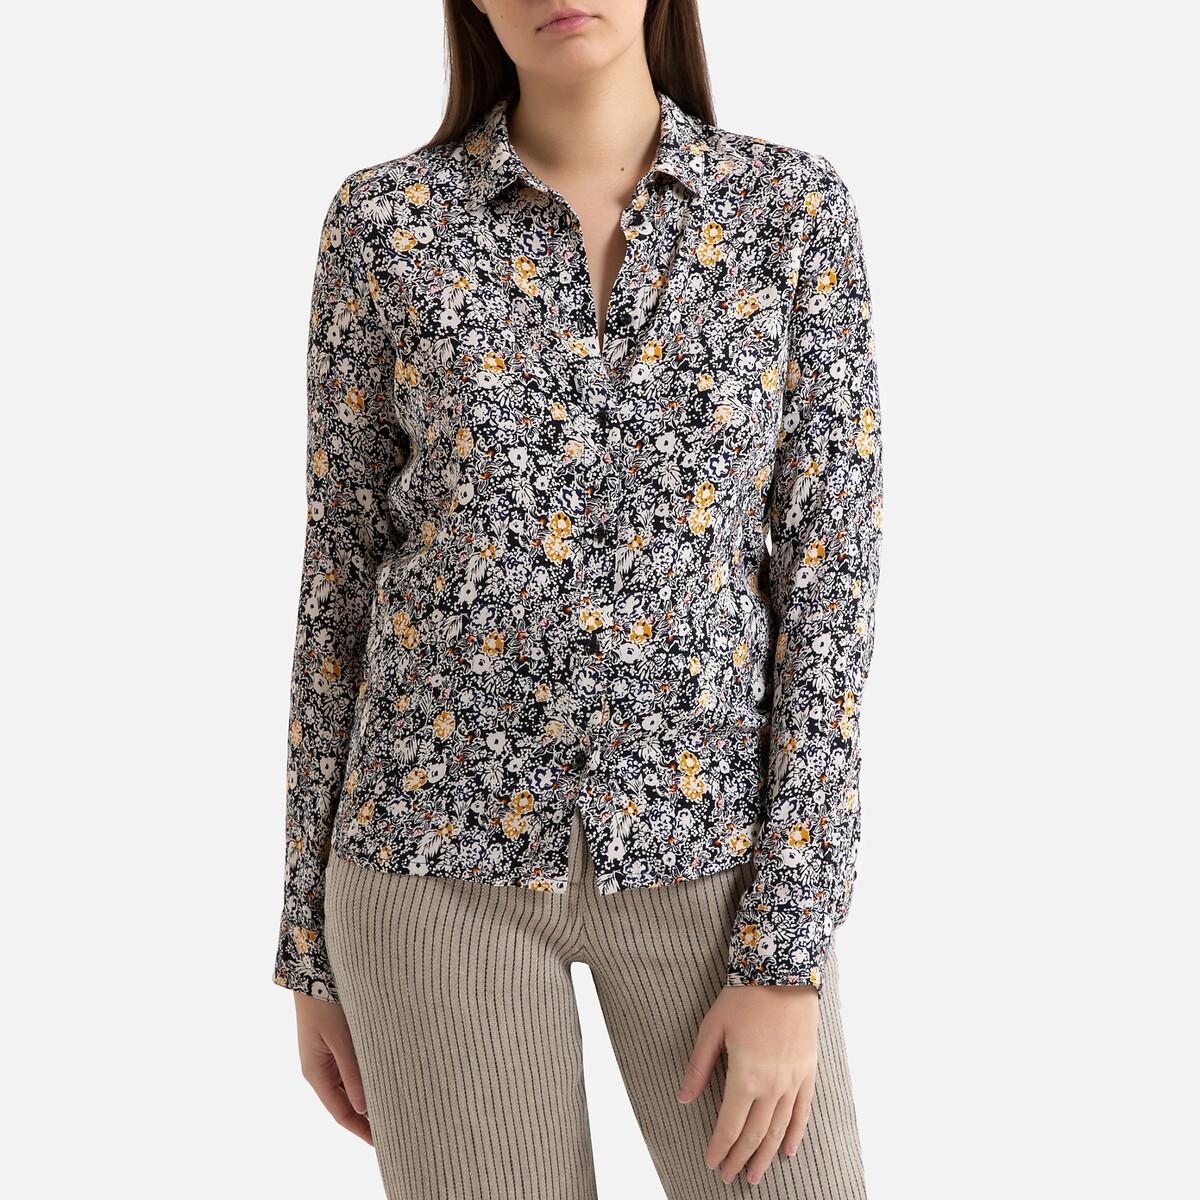 Блузка La Redoute С рисунком и длинными рукавами MISIA S синий блуза la redoute с рисунком и длинными рукавами s синий